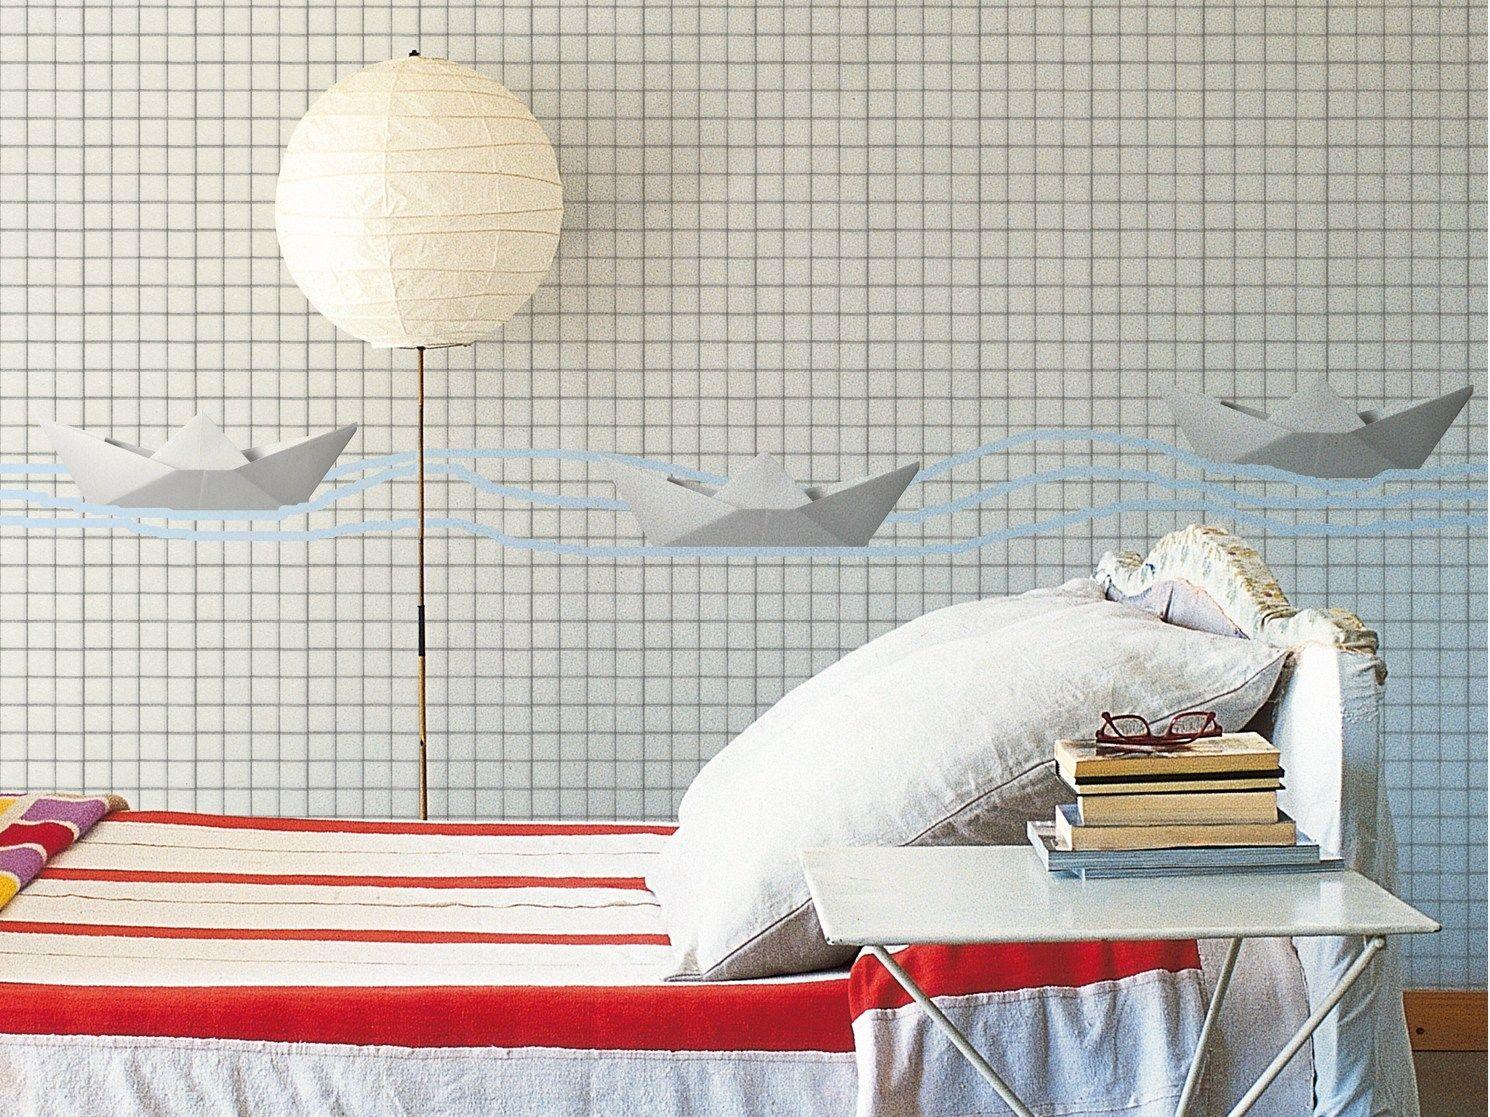 Papier peint carreaux origami by wall dec design for Papier peint carreaux